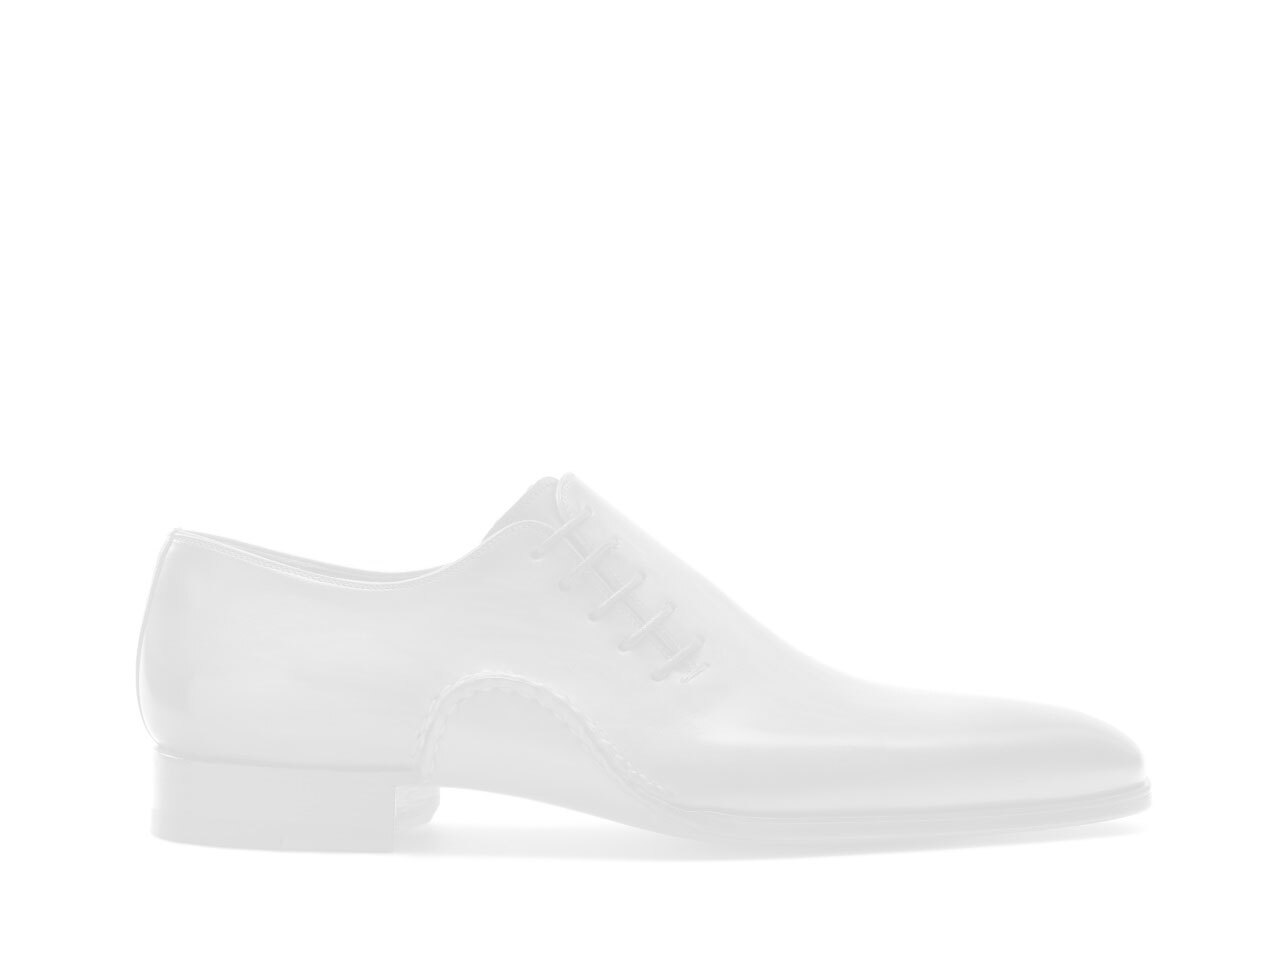 Pair of the Magnanni Garrett Cuero Men's Double Monk Strap Shoes